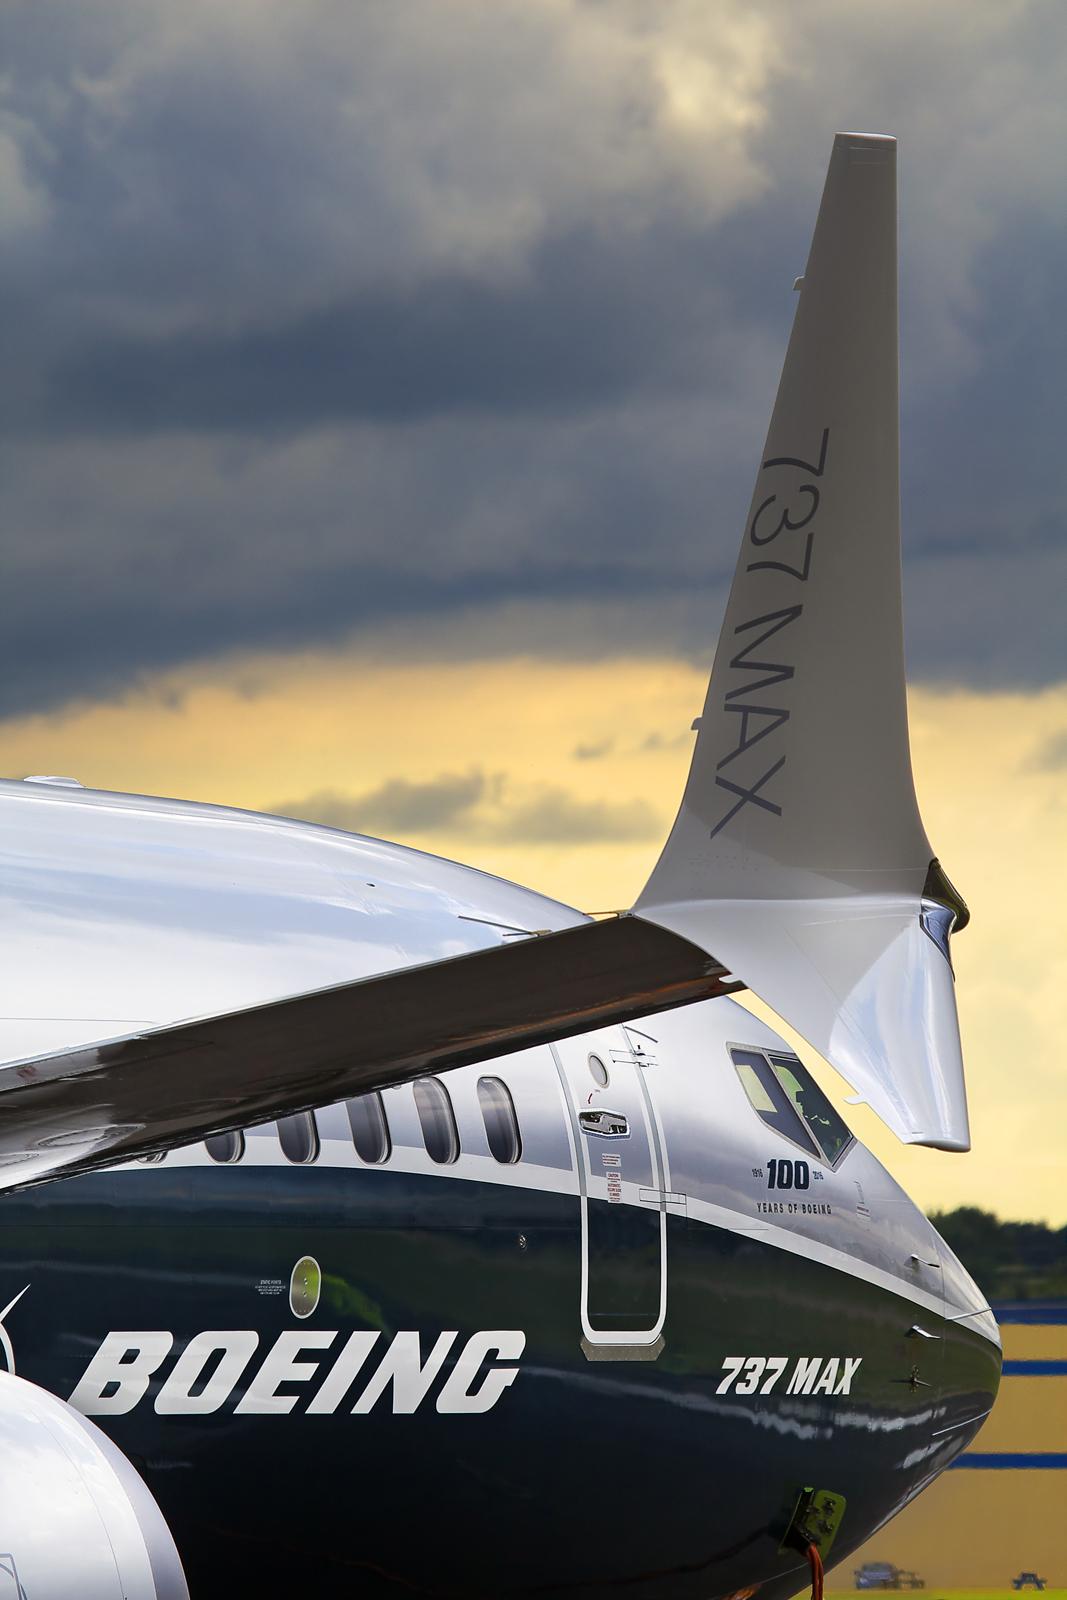 737MAX (Oleg V. Belyakov).jpg